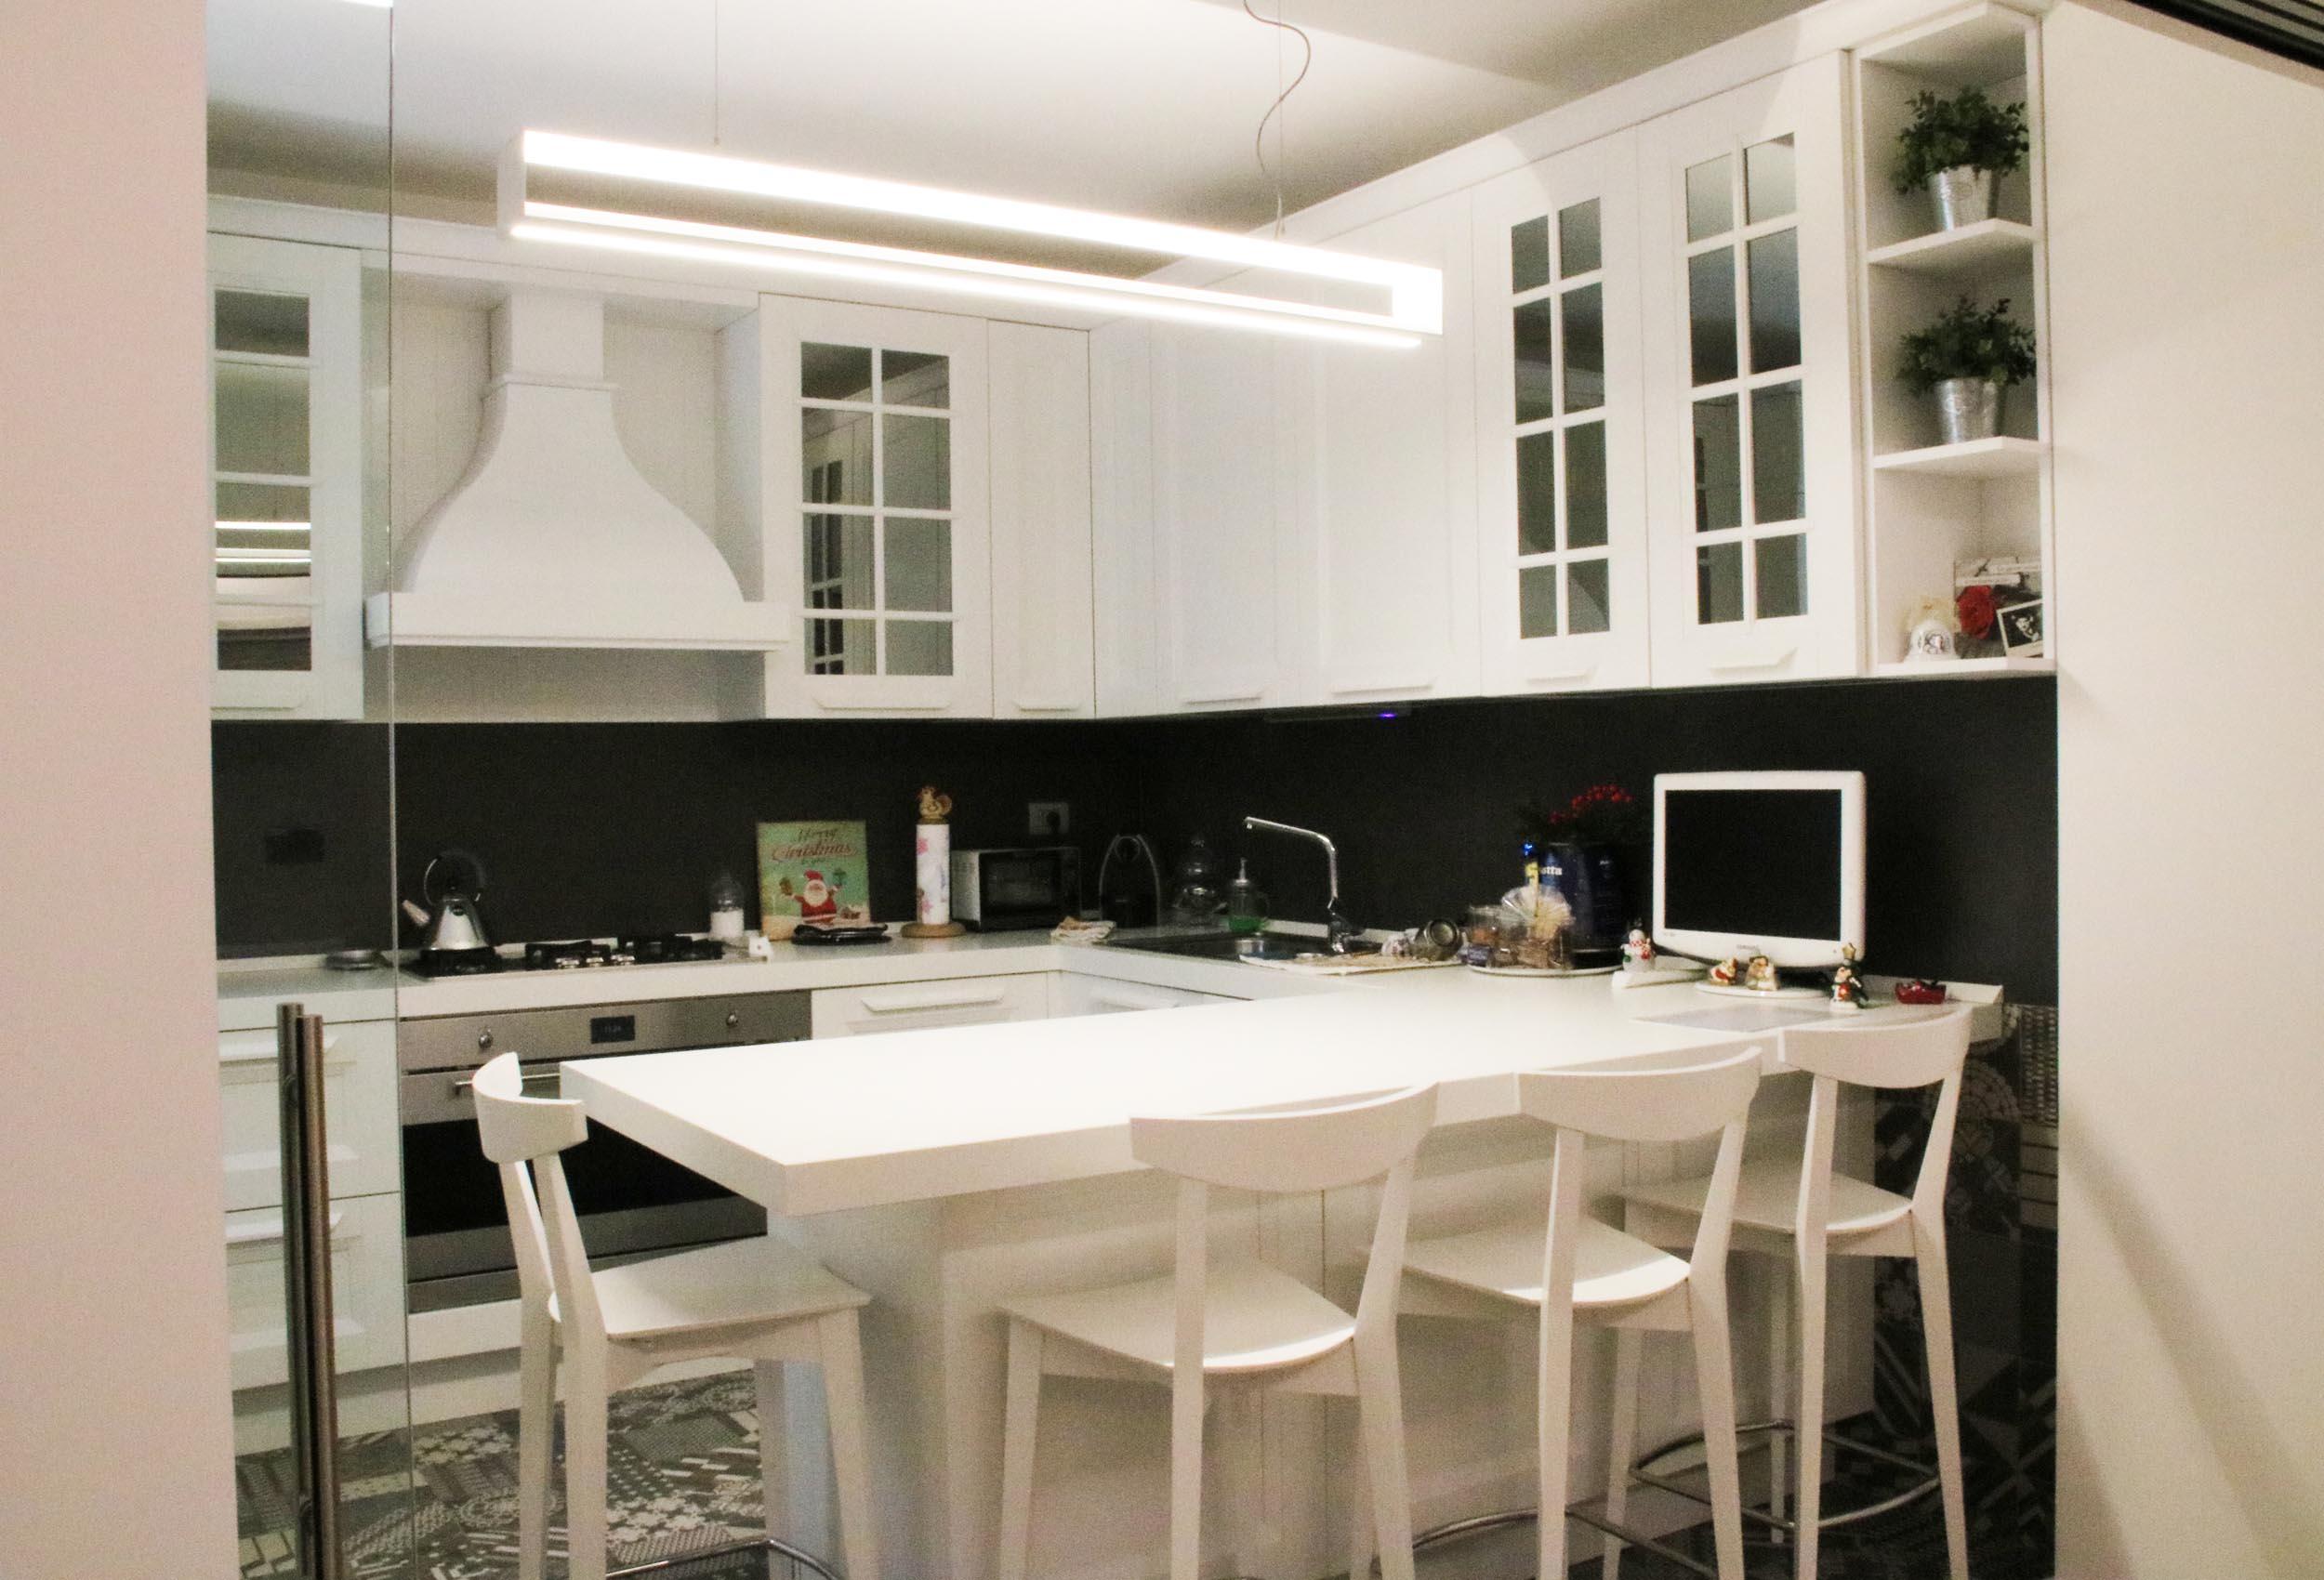 tipi-di-cucina-arredamento-disposizioni-illuminazione-studio-architettura-interior-design-roma1